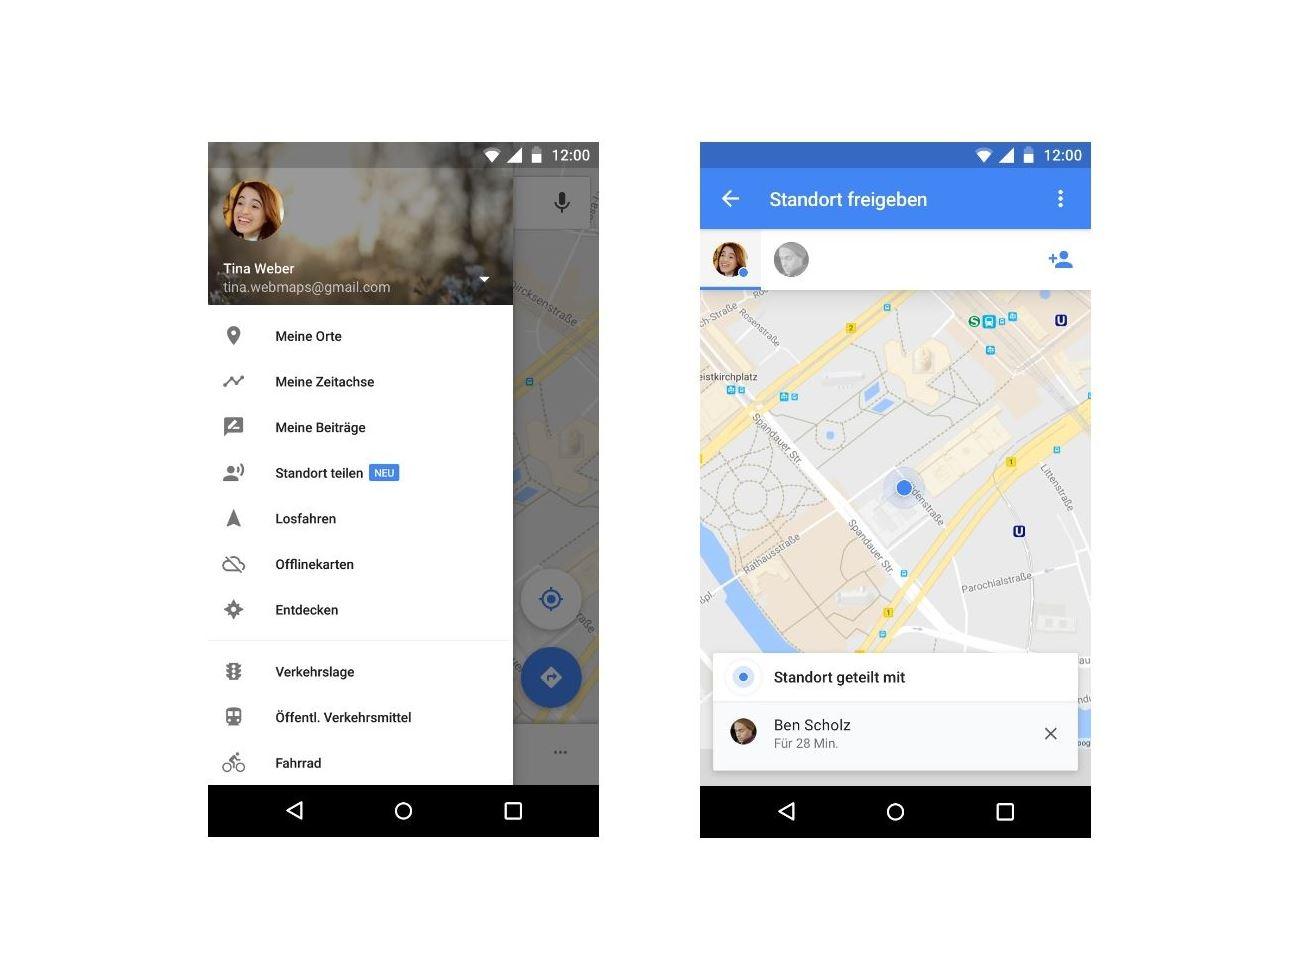 Echtzeit Standort Bei Google Freigeben